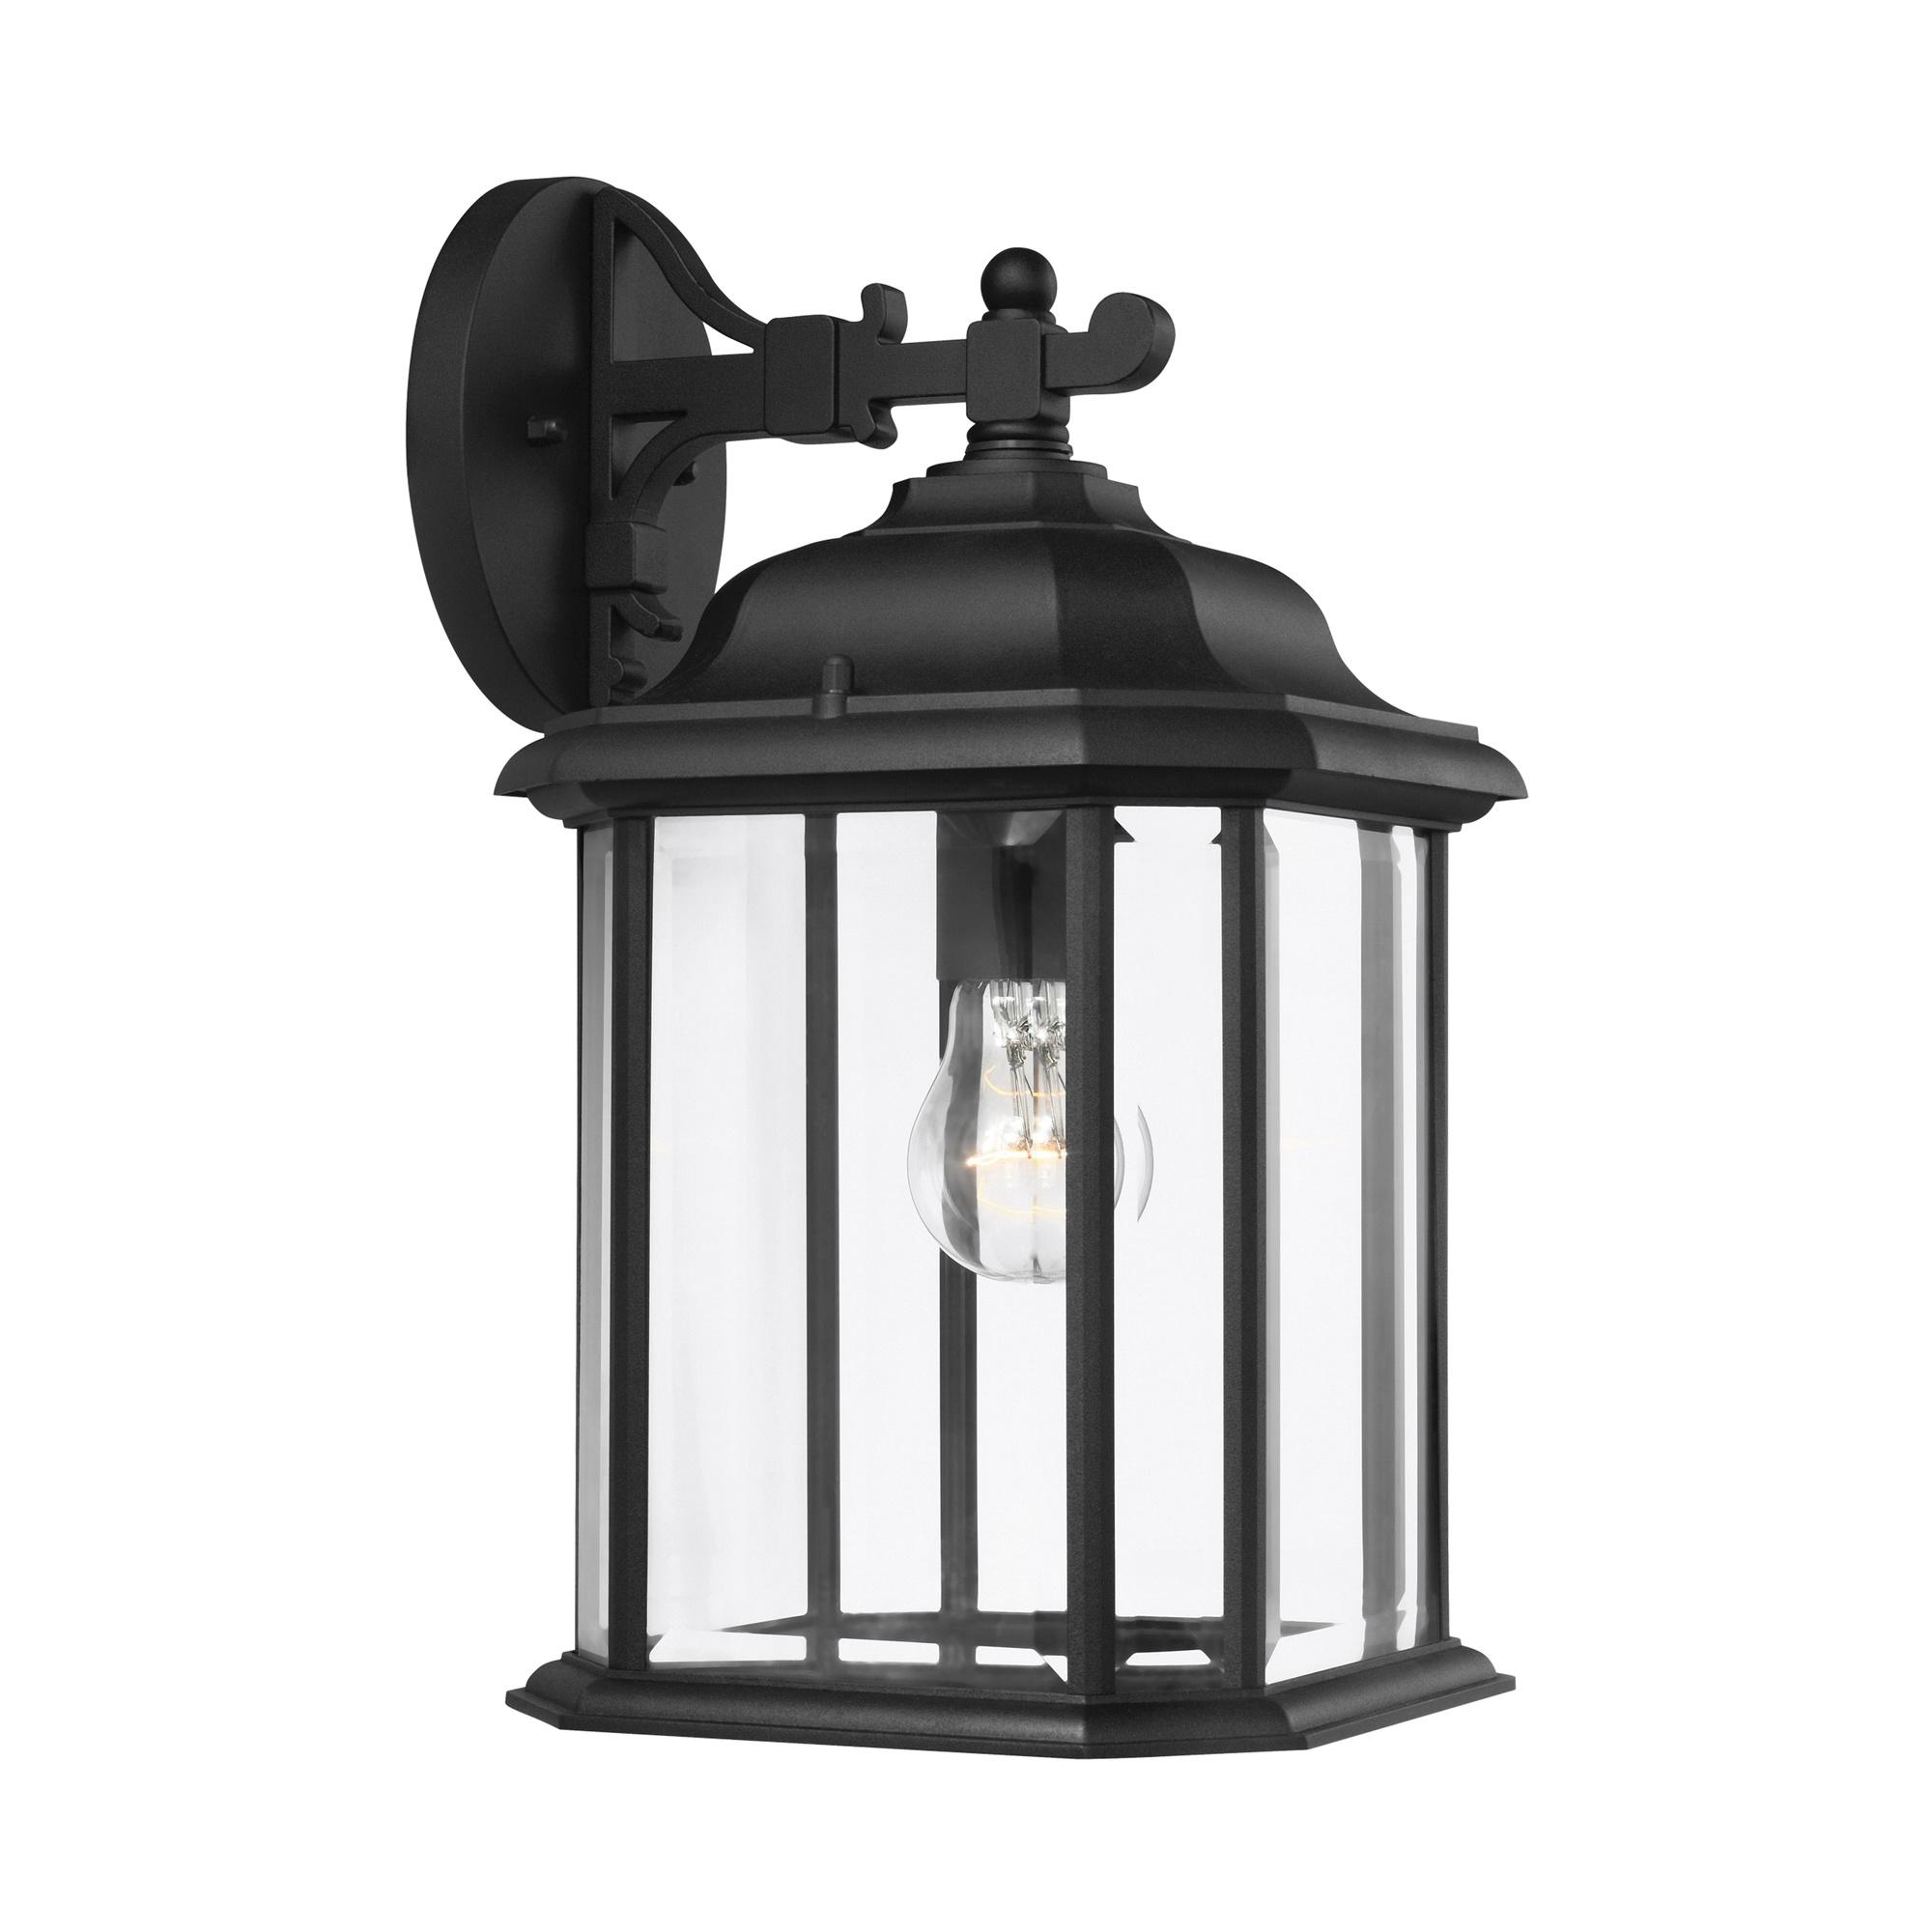 Sea Gull Lighting 84031 12 1 Light Wall Lantern 100 Watt 120 Volt Ac